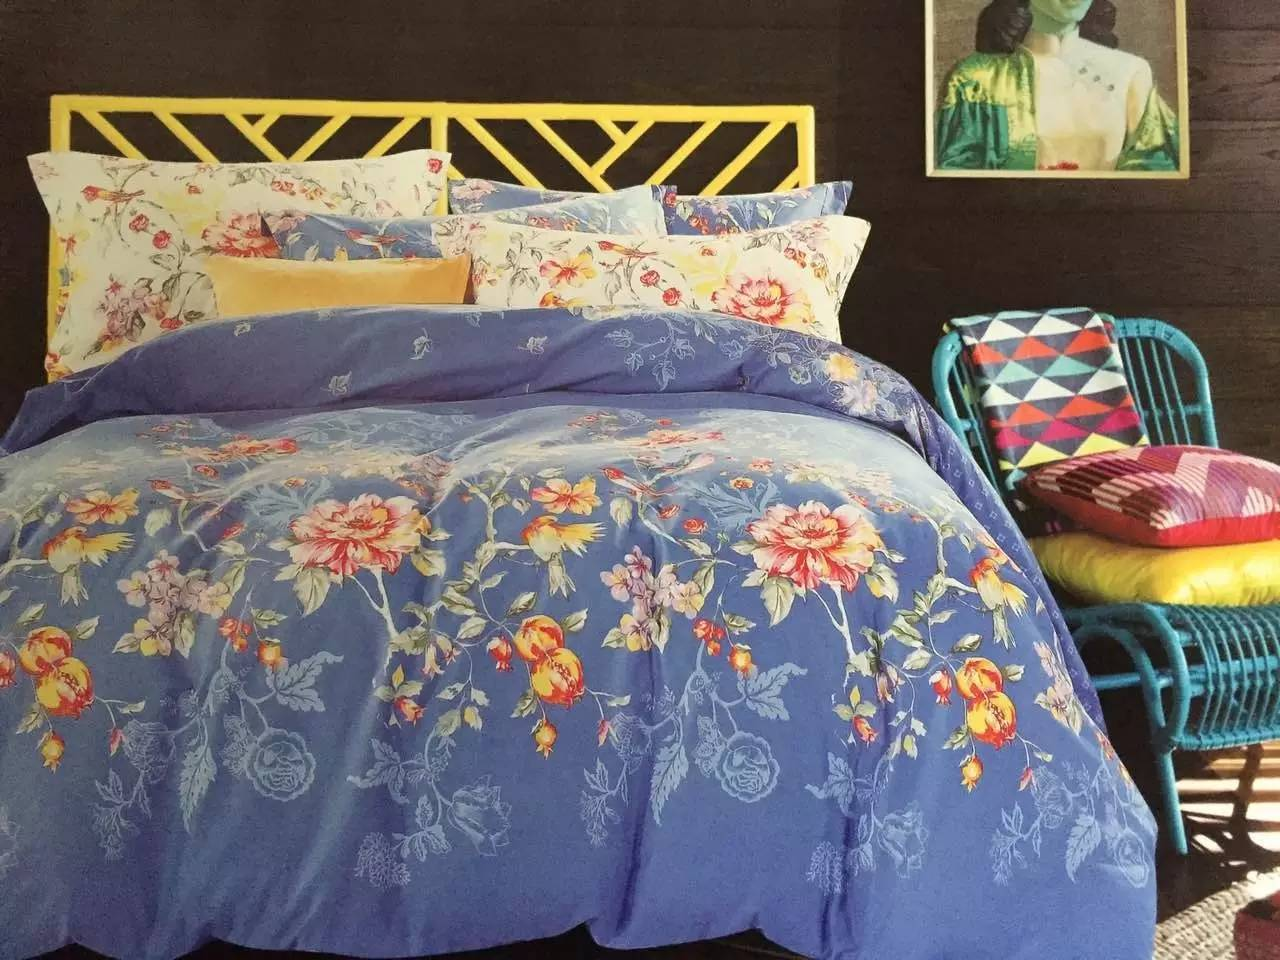 婚庆季 结婚必备一套好床品图片